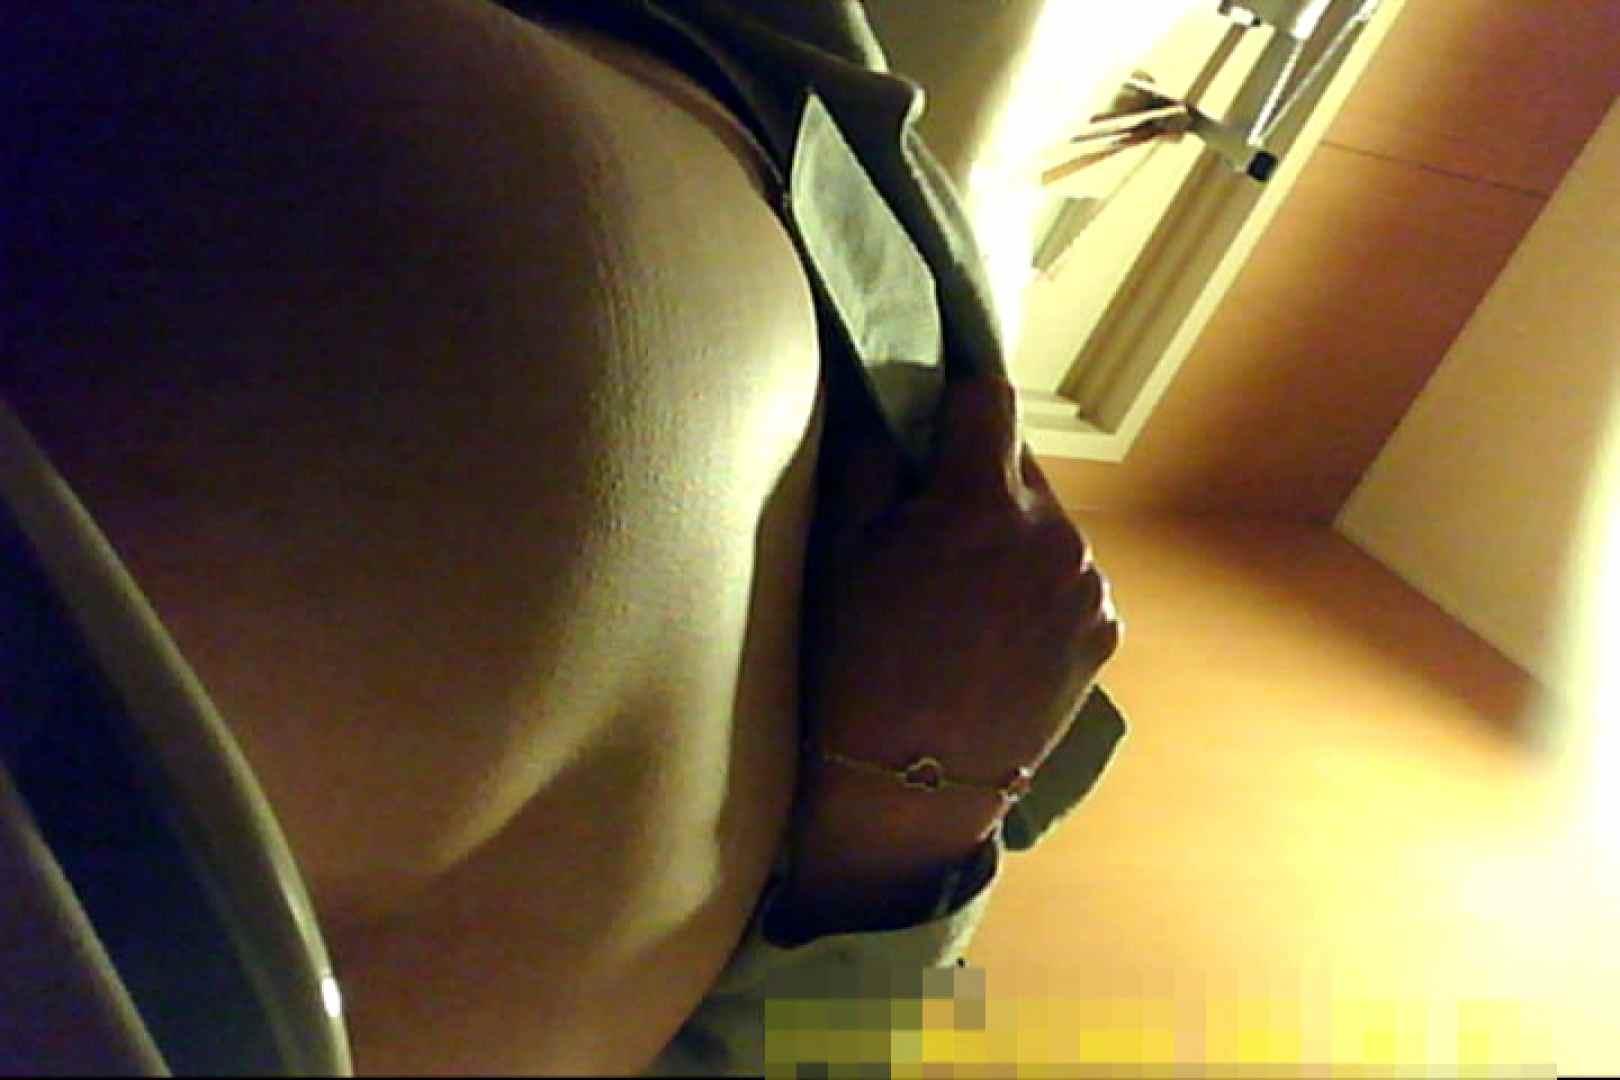 魅惑の化粧室~禁断のプライベート空間~29 盗撮エロすぎ   プライベート  80連発 43